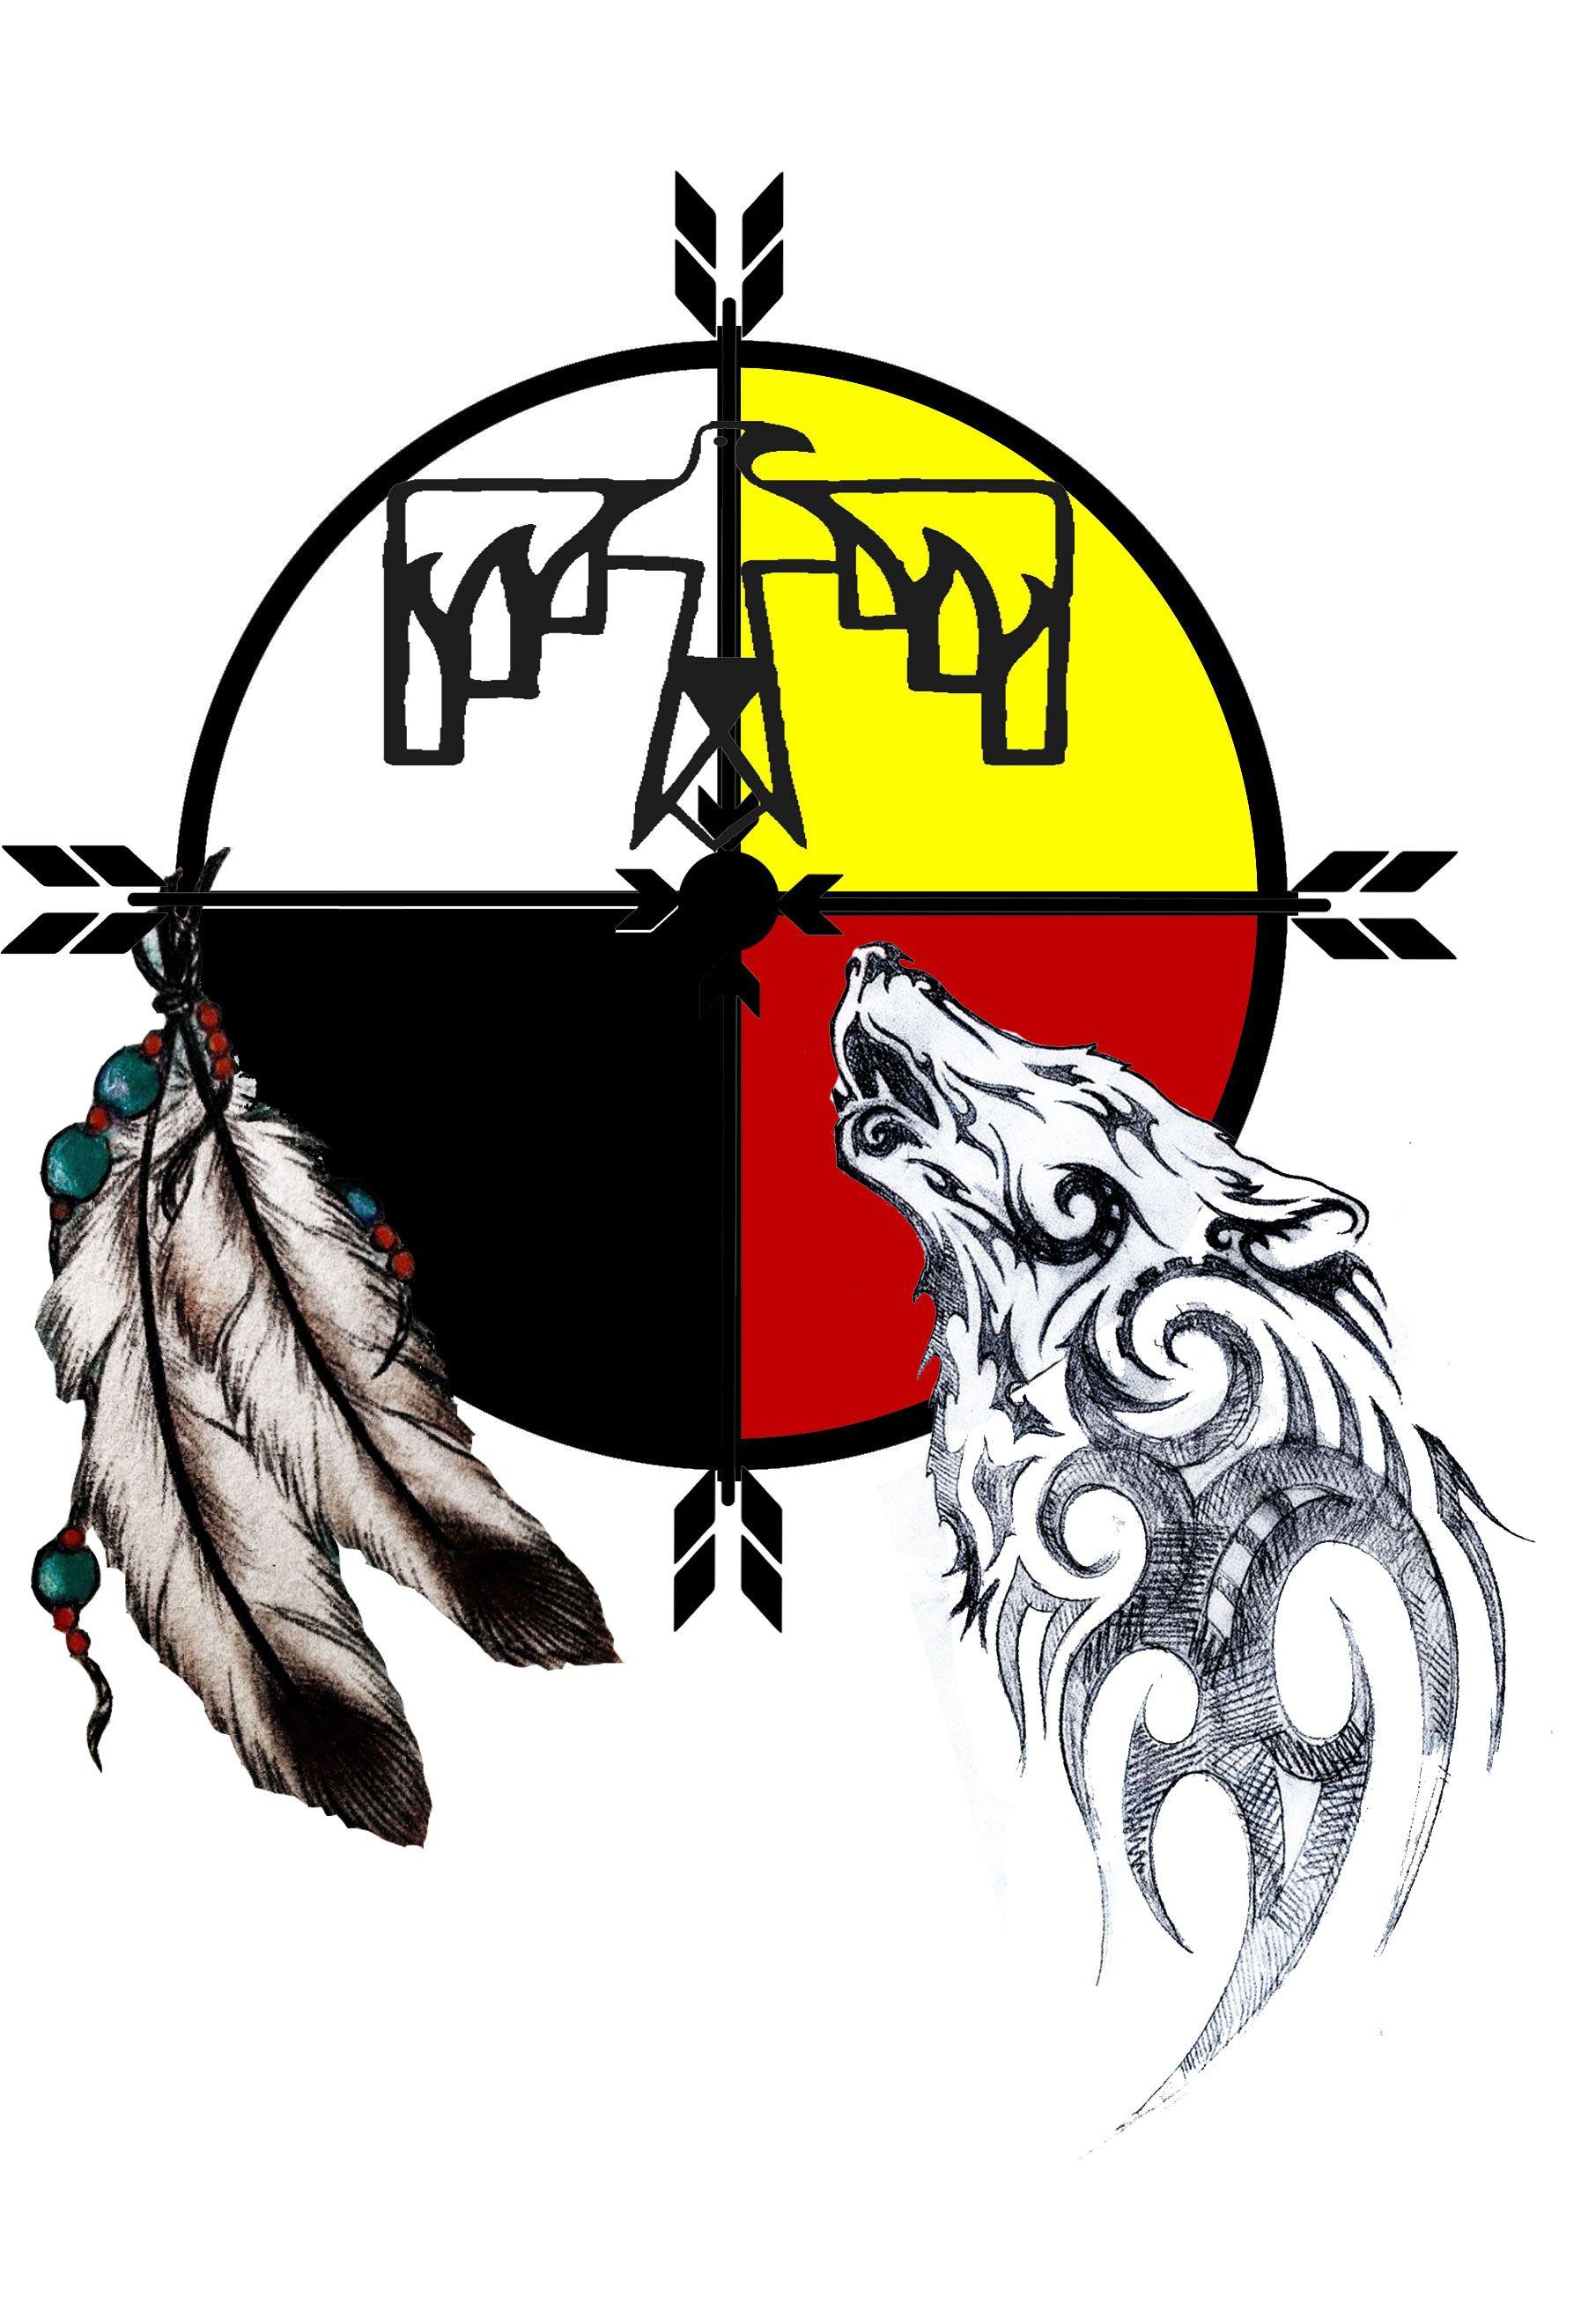 Thunderbird animal tattoo